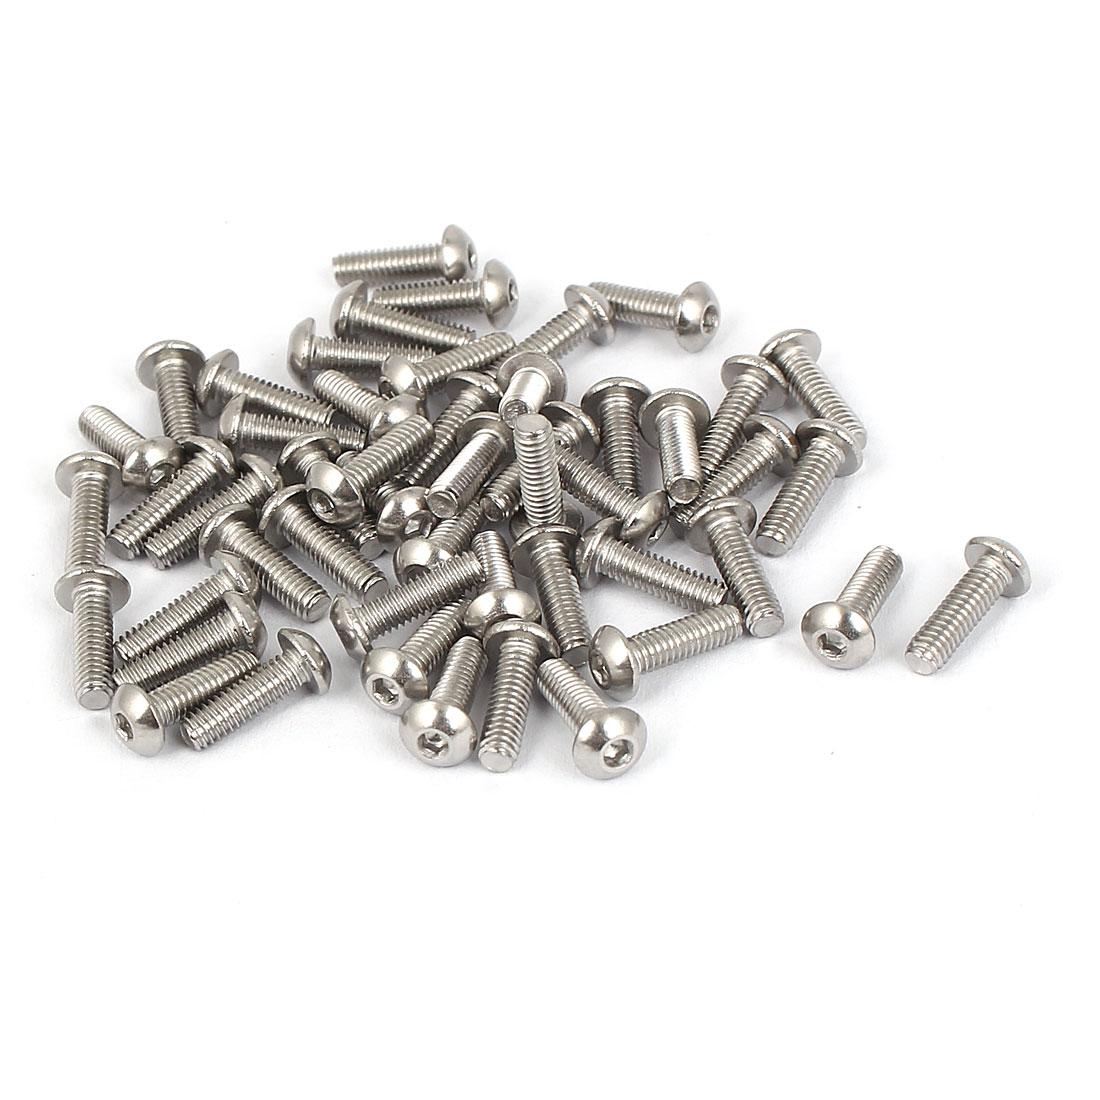 M2.5 x 8mm Full Thread Button Head Socket Cap Screw Silver Tone 50 Pcs